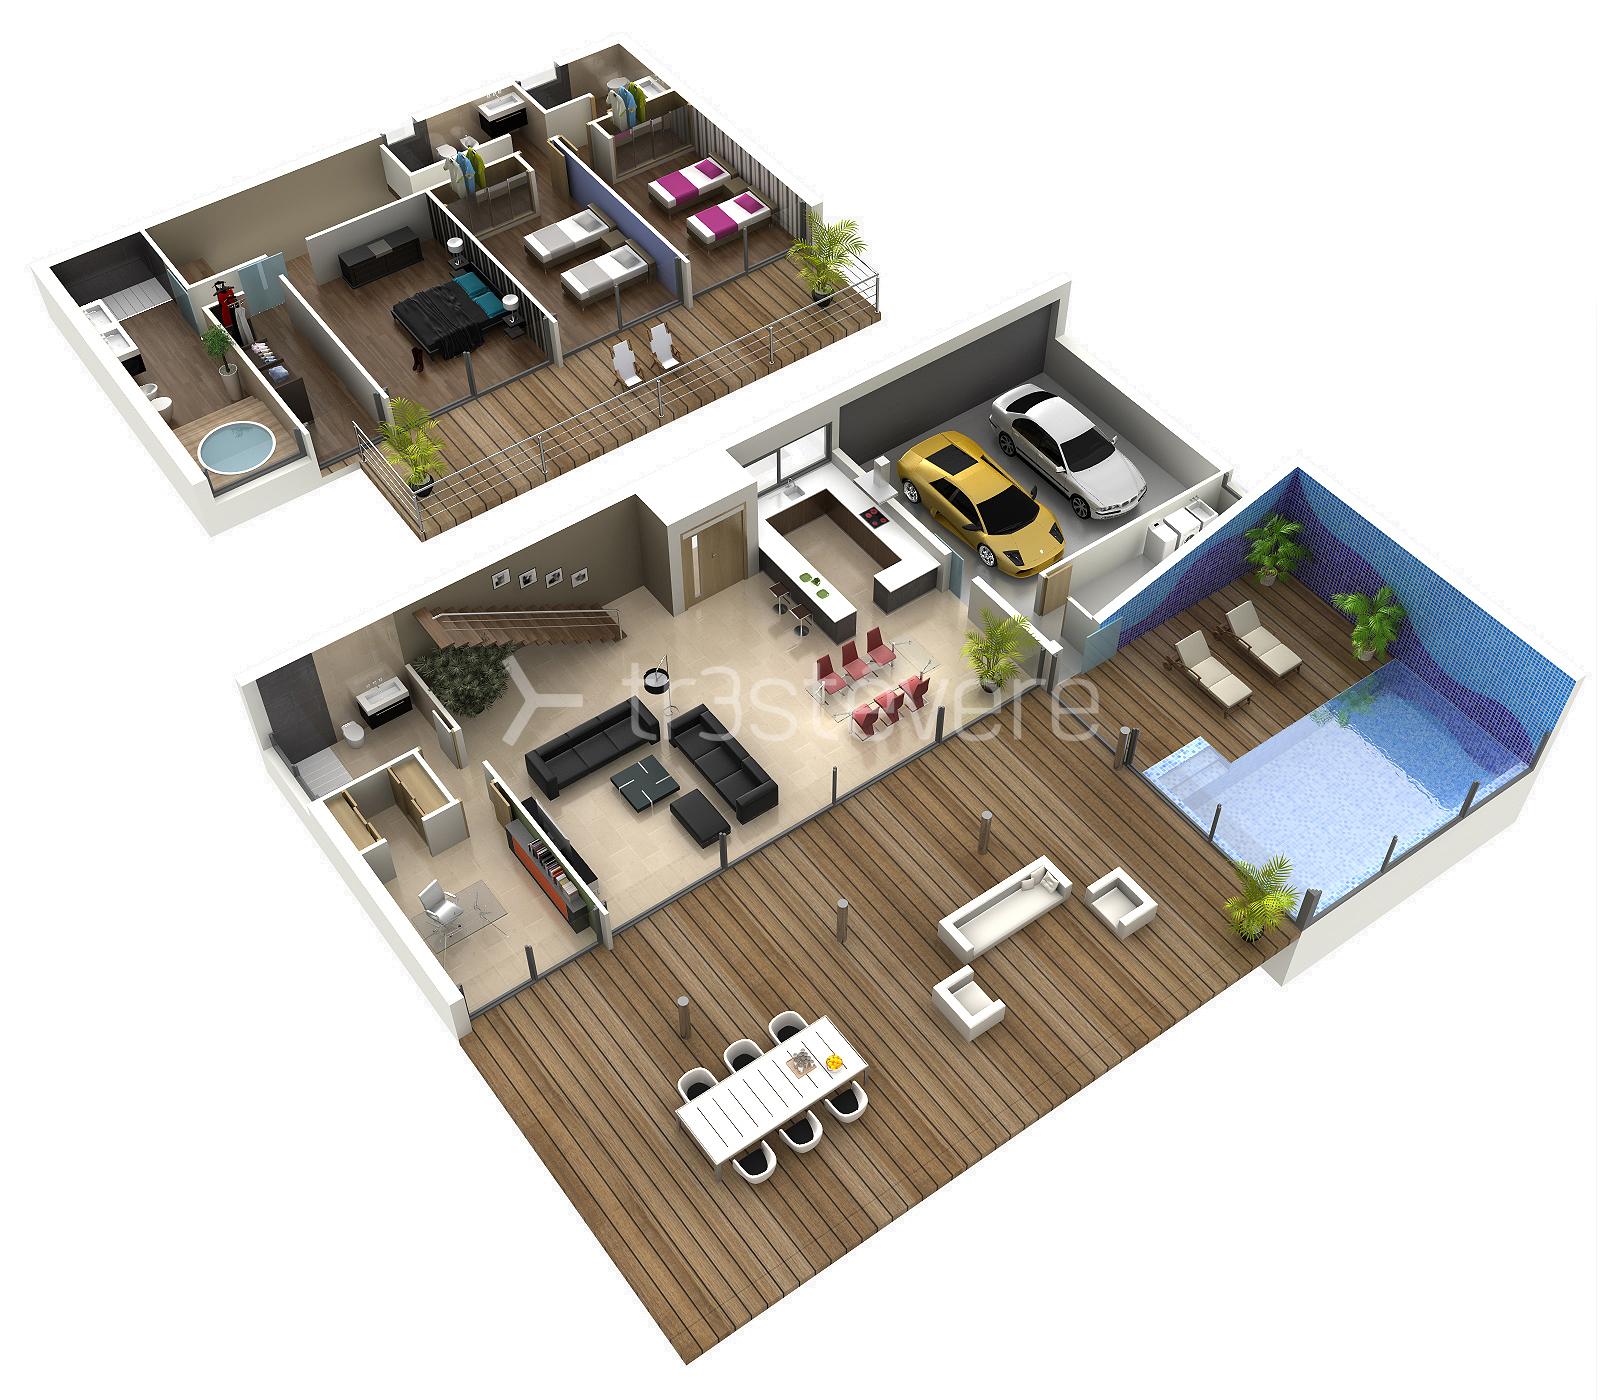 Planos arquitect nicos trest vere blog infografia 3d - Planos de pisos de lujo ...